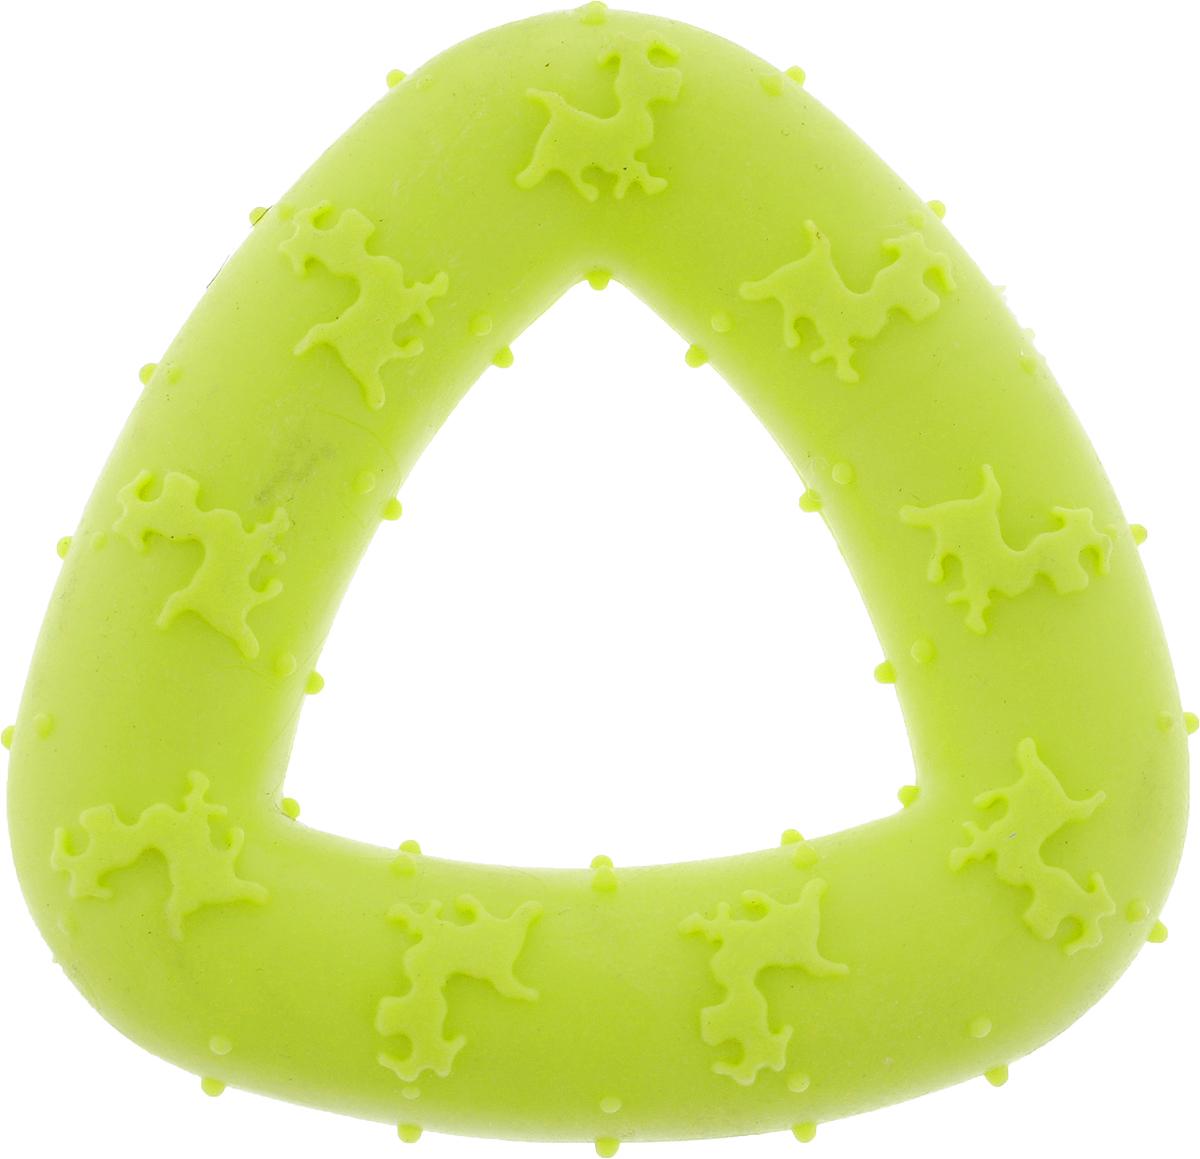 Игрушка для собак Грызлик Ам Треугольник, цвет: желтый, 7,5 см комплект приставок к мясорубкам аксион ам 11 02